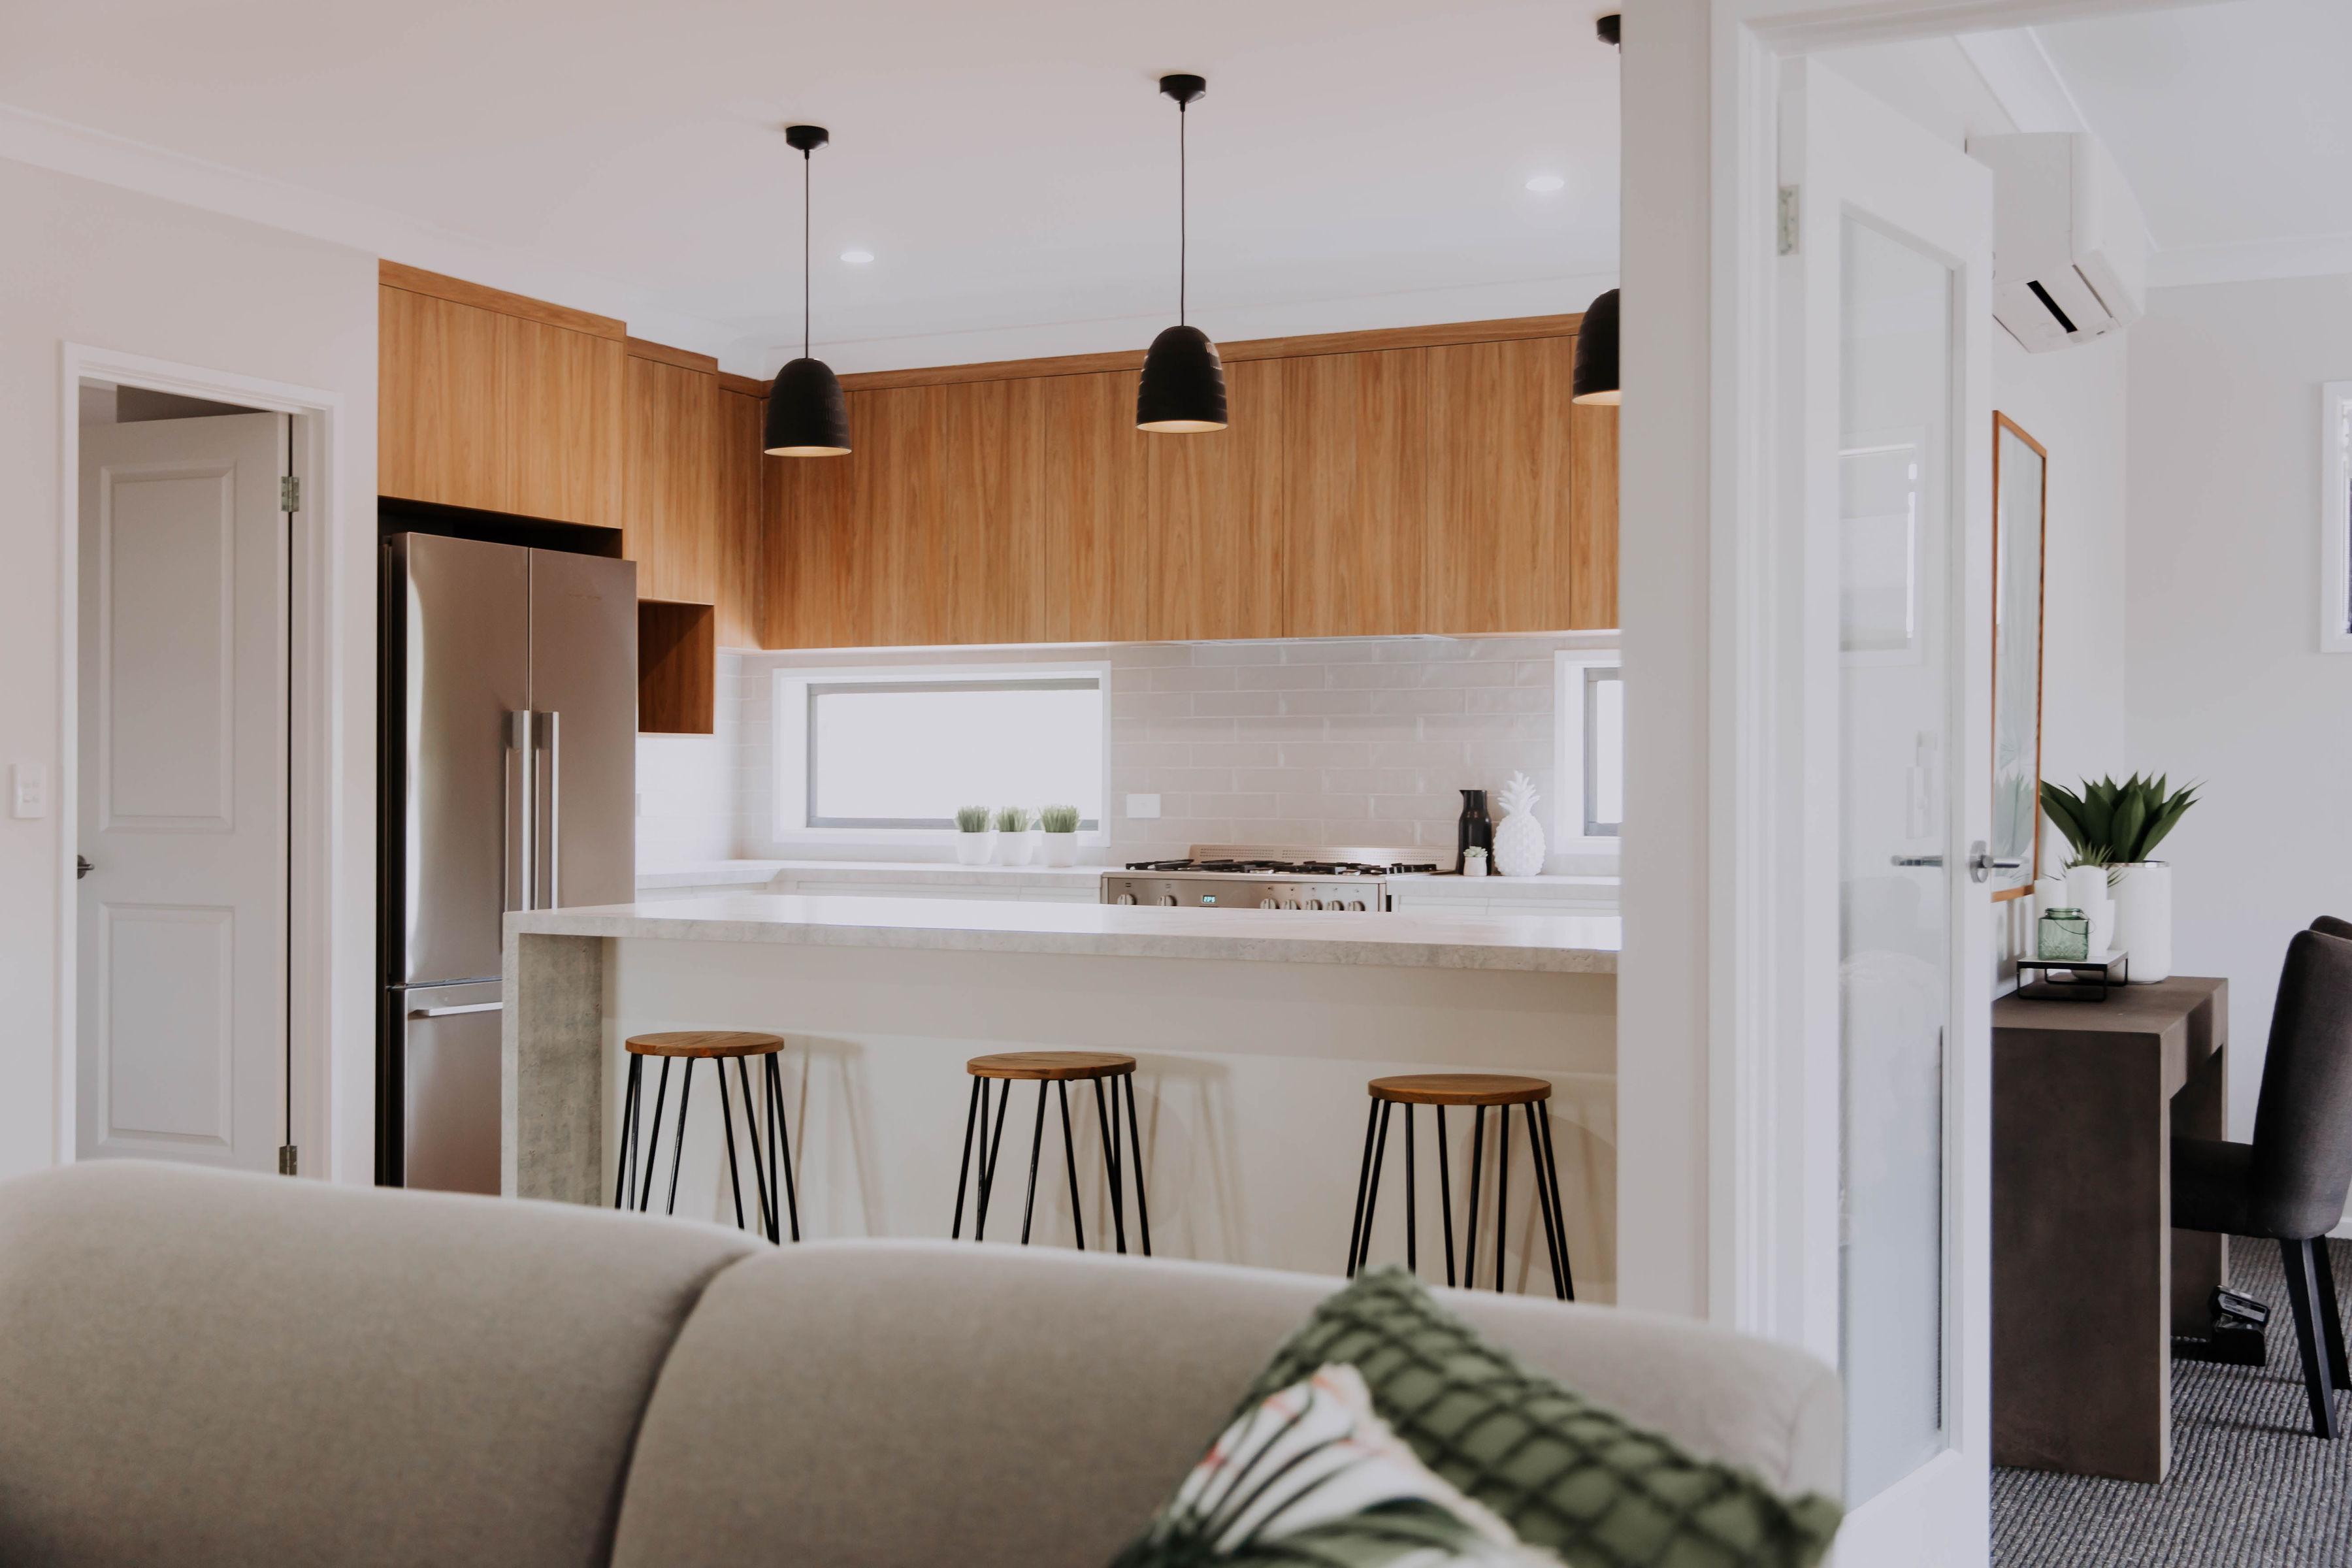 026 Alatalo Bros - home design - family room - formal lounge - open plan - family home - builders - home design - interiors - display homes - albury - wagga wagga - home design - custom home - new home builders - master builder